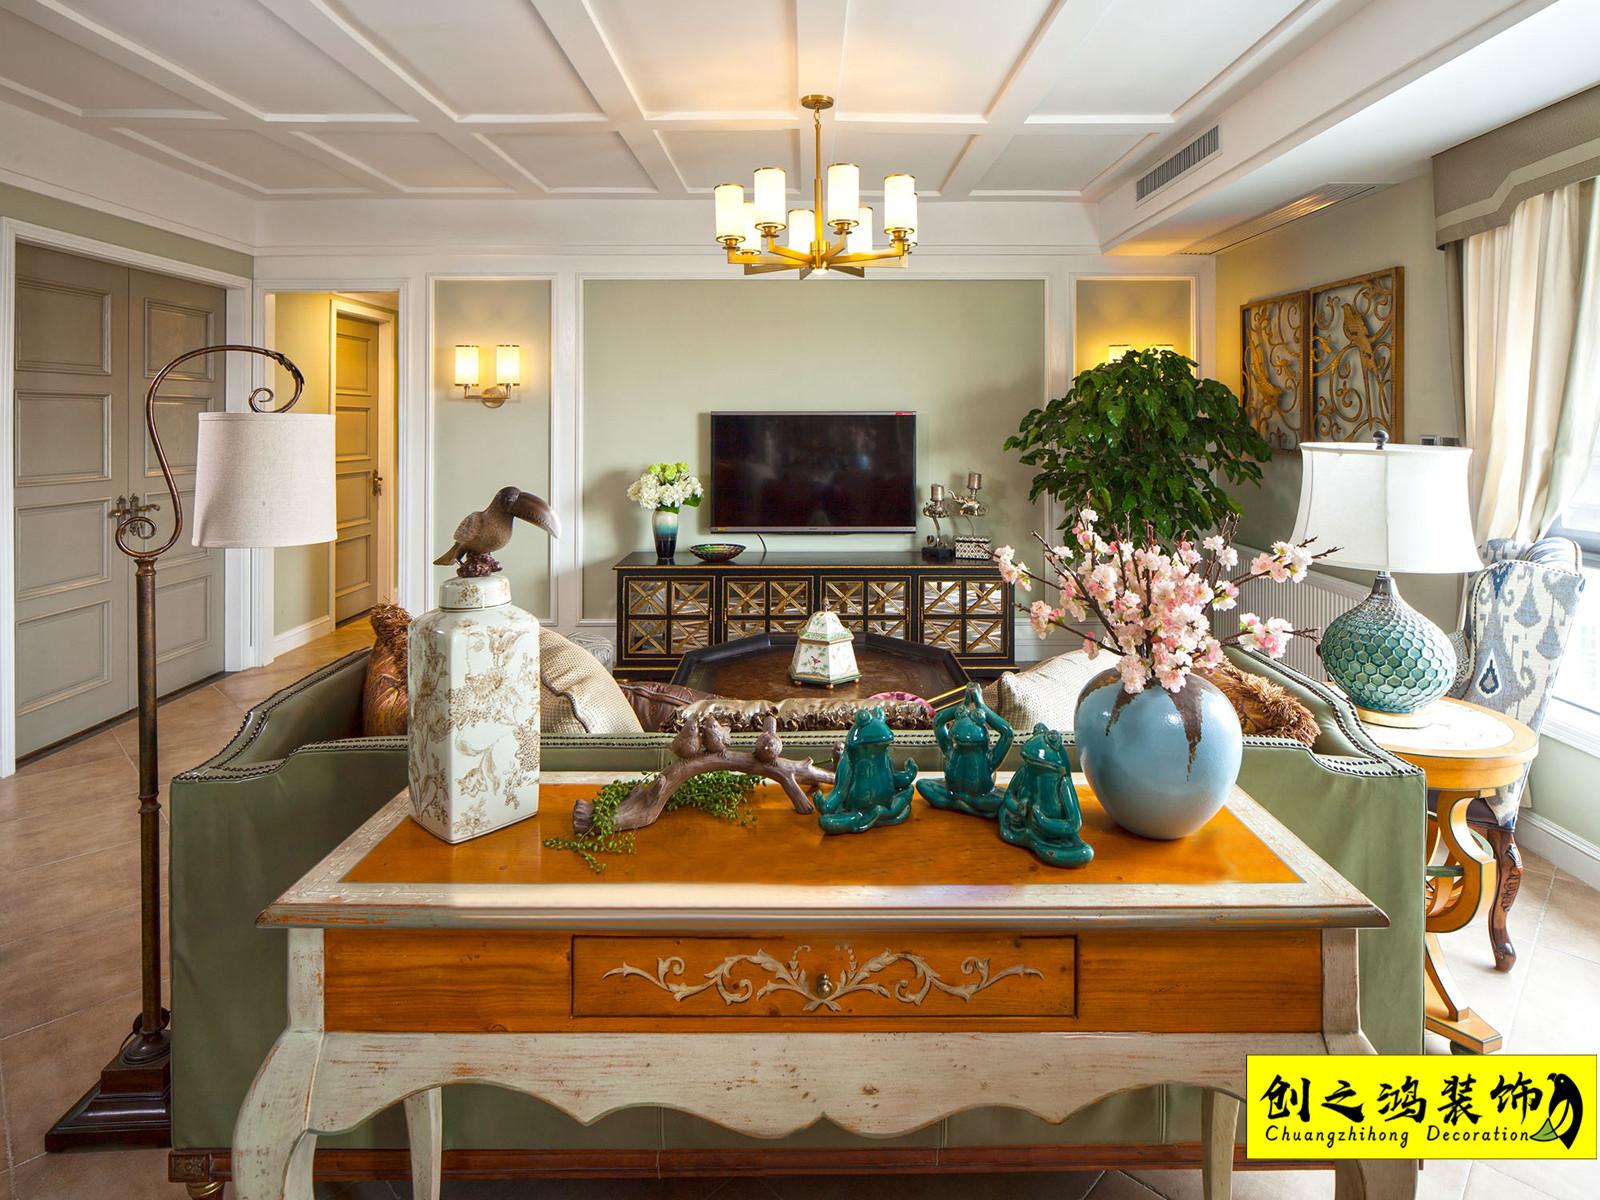 90㎡华侨城天鹅堡二室二厅美式风格装修效果图